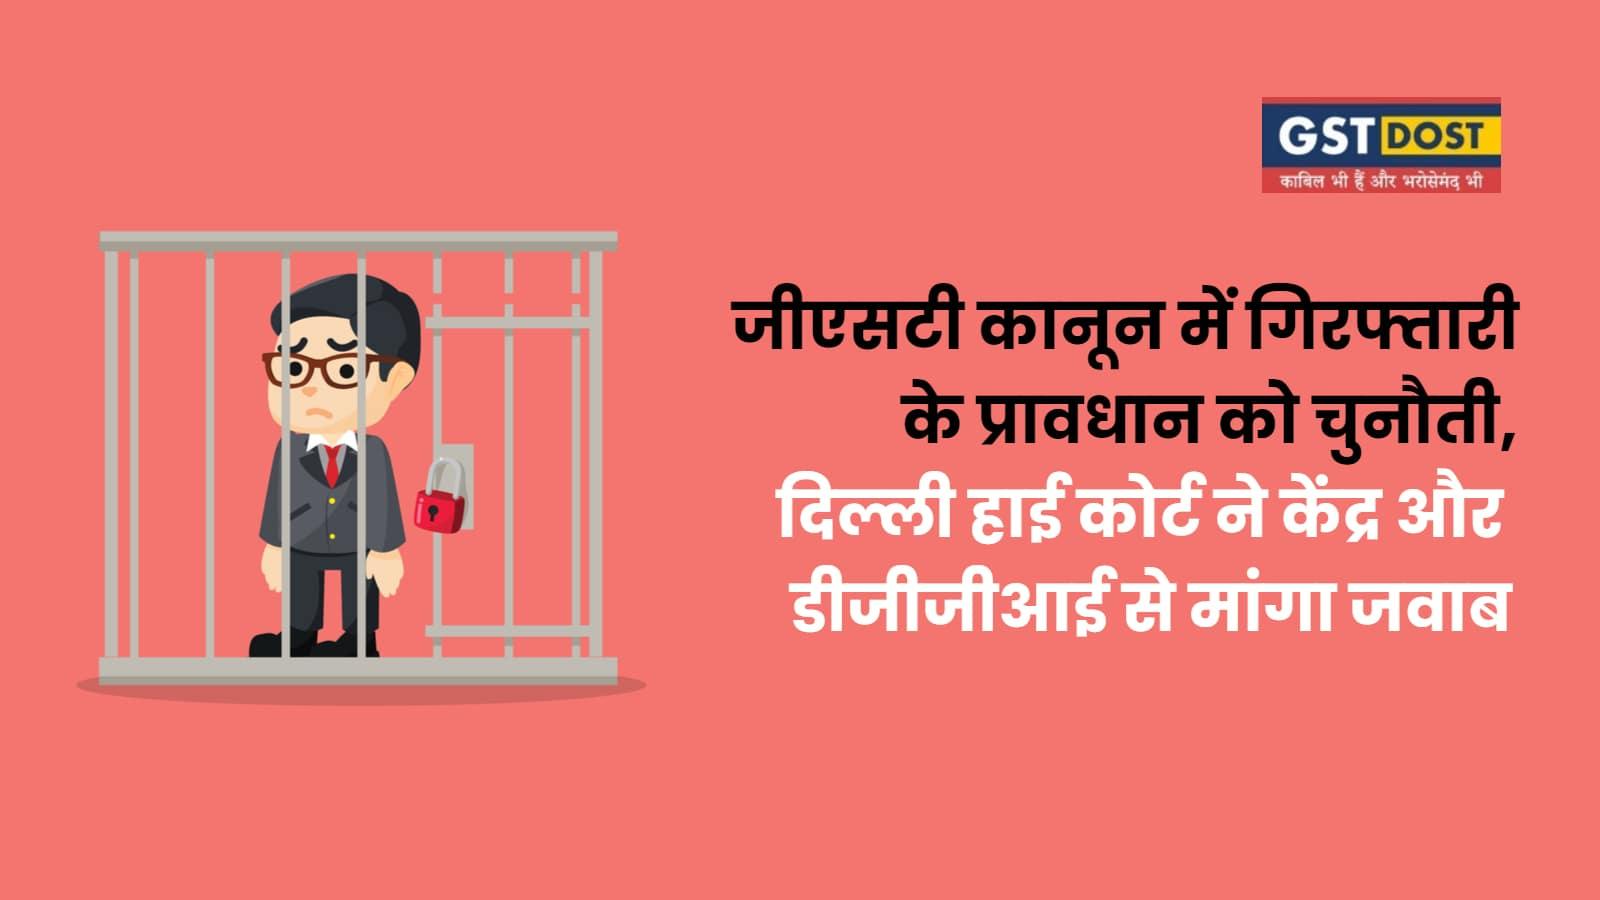 जीएसटी कानून में गिरफ्तारी के प्रावधान को चुनौती, दिल्ली हाई कोर्ट ने केंद्र और डीजीजीआई से मांगा जवाब